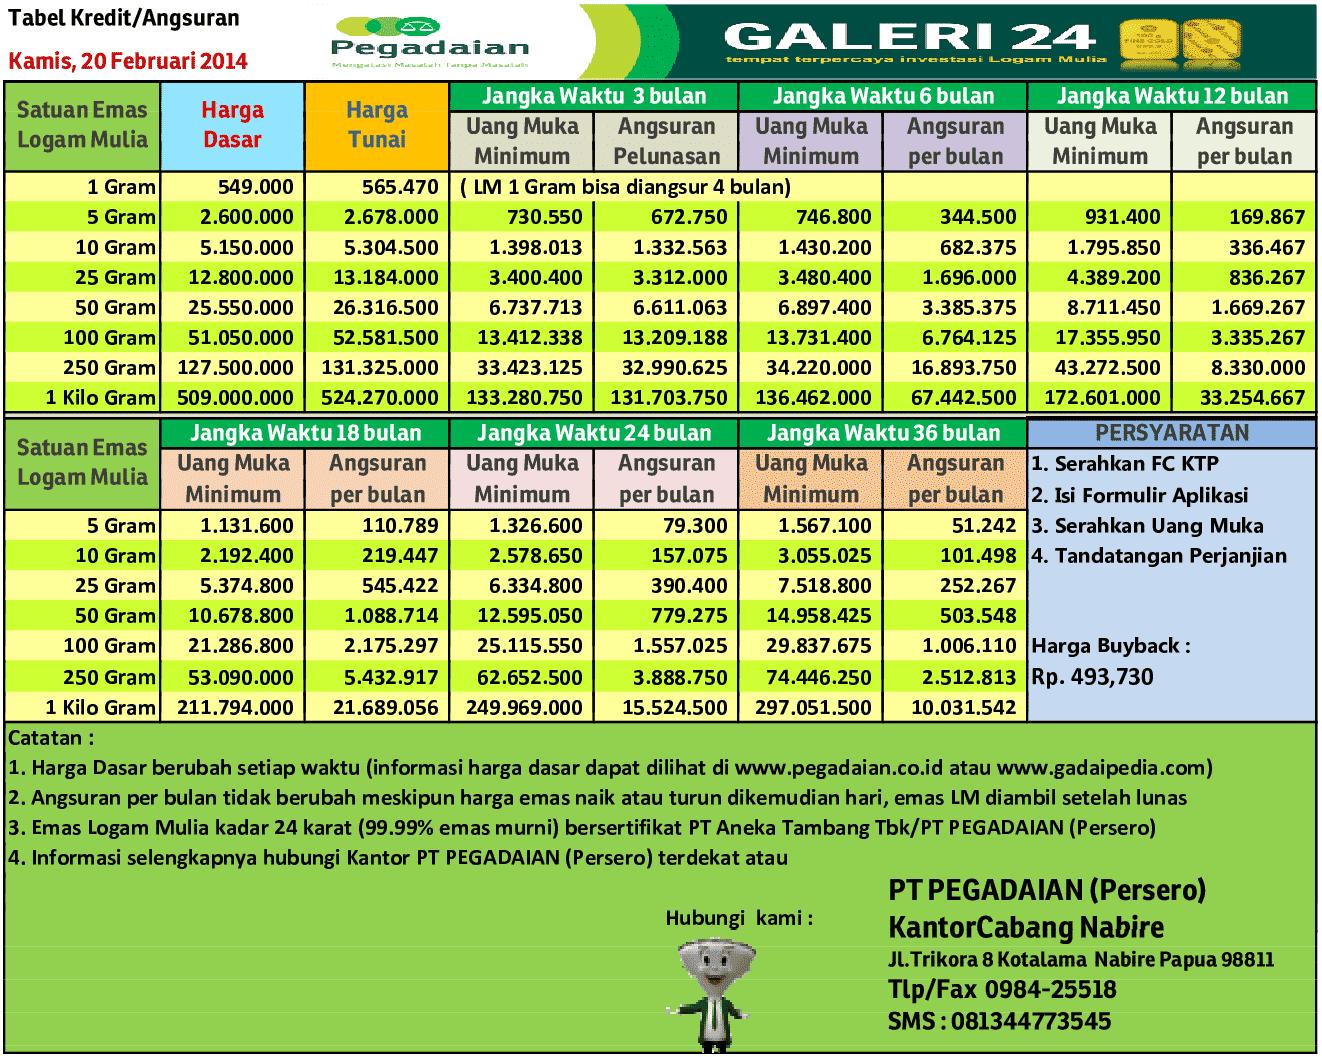 harga emas dan tabel kredit emas pegadaian 20 februari 2014